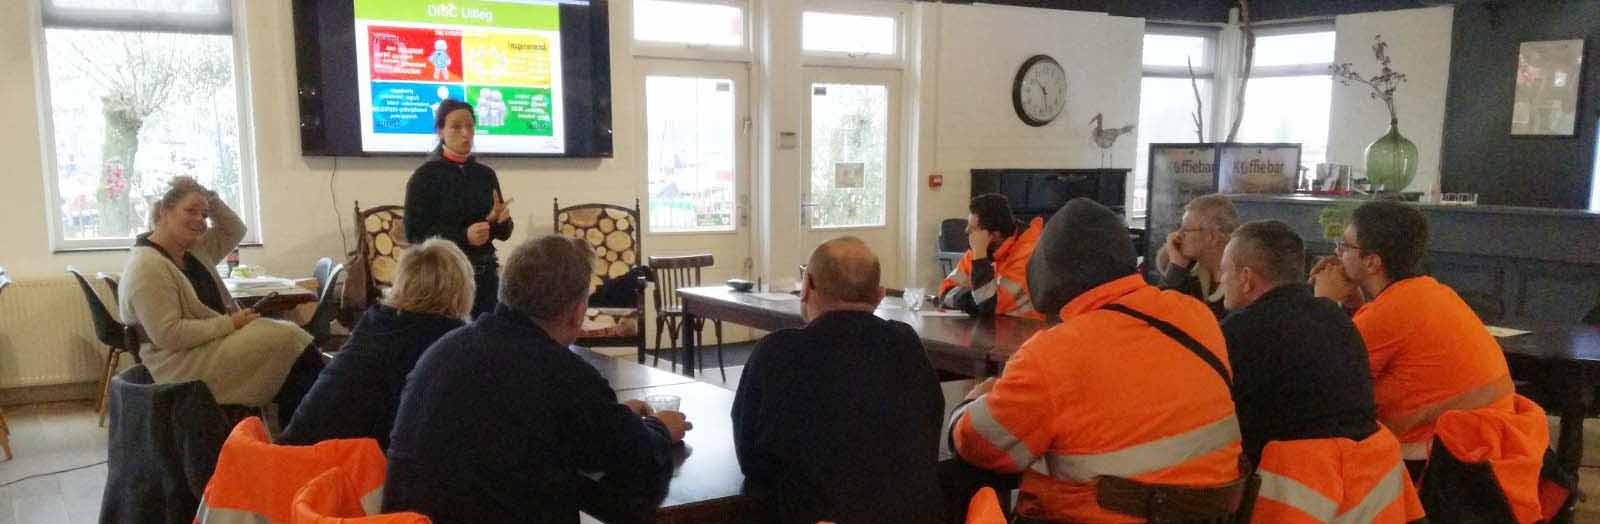 Blog: Training omgevingsgericht handelen voor MidZuid